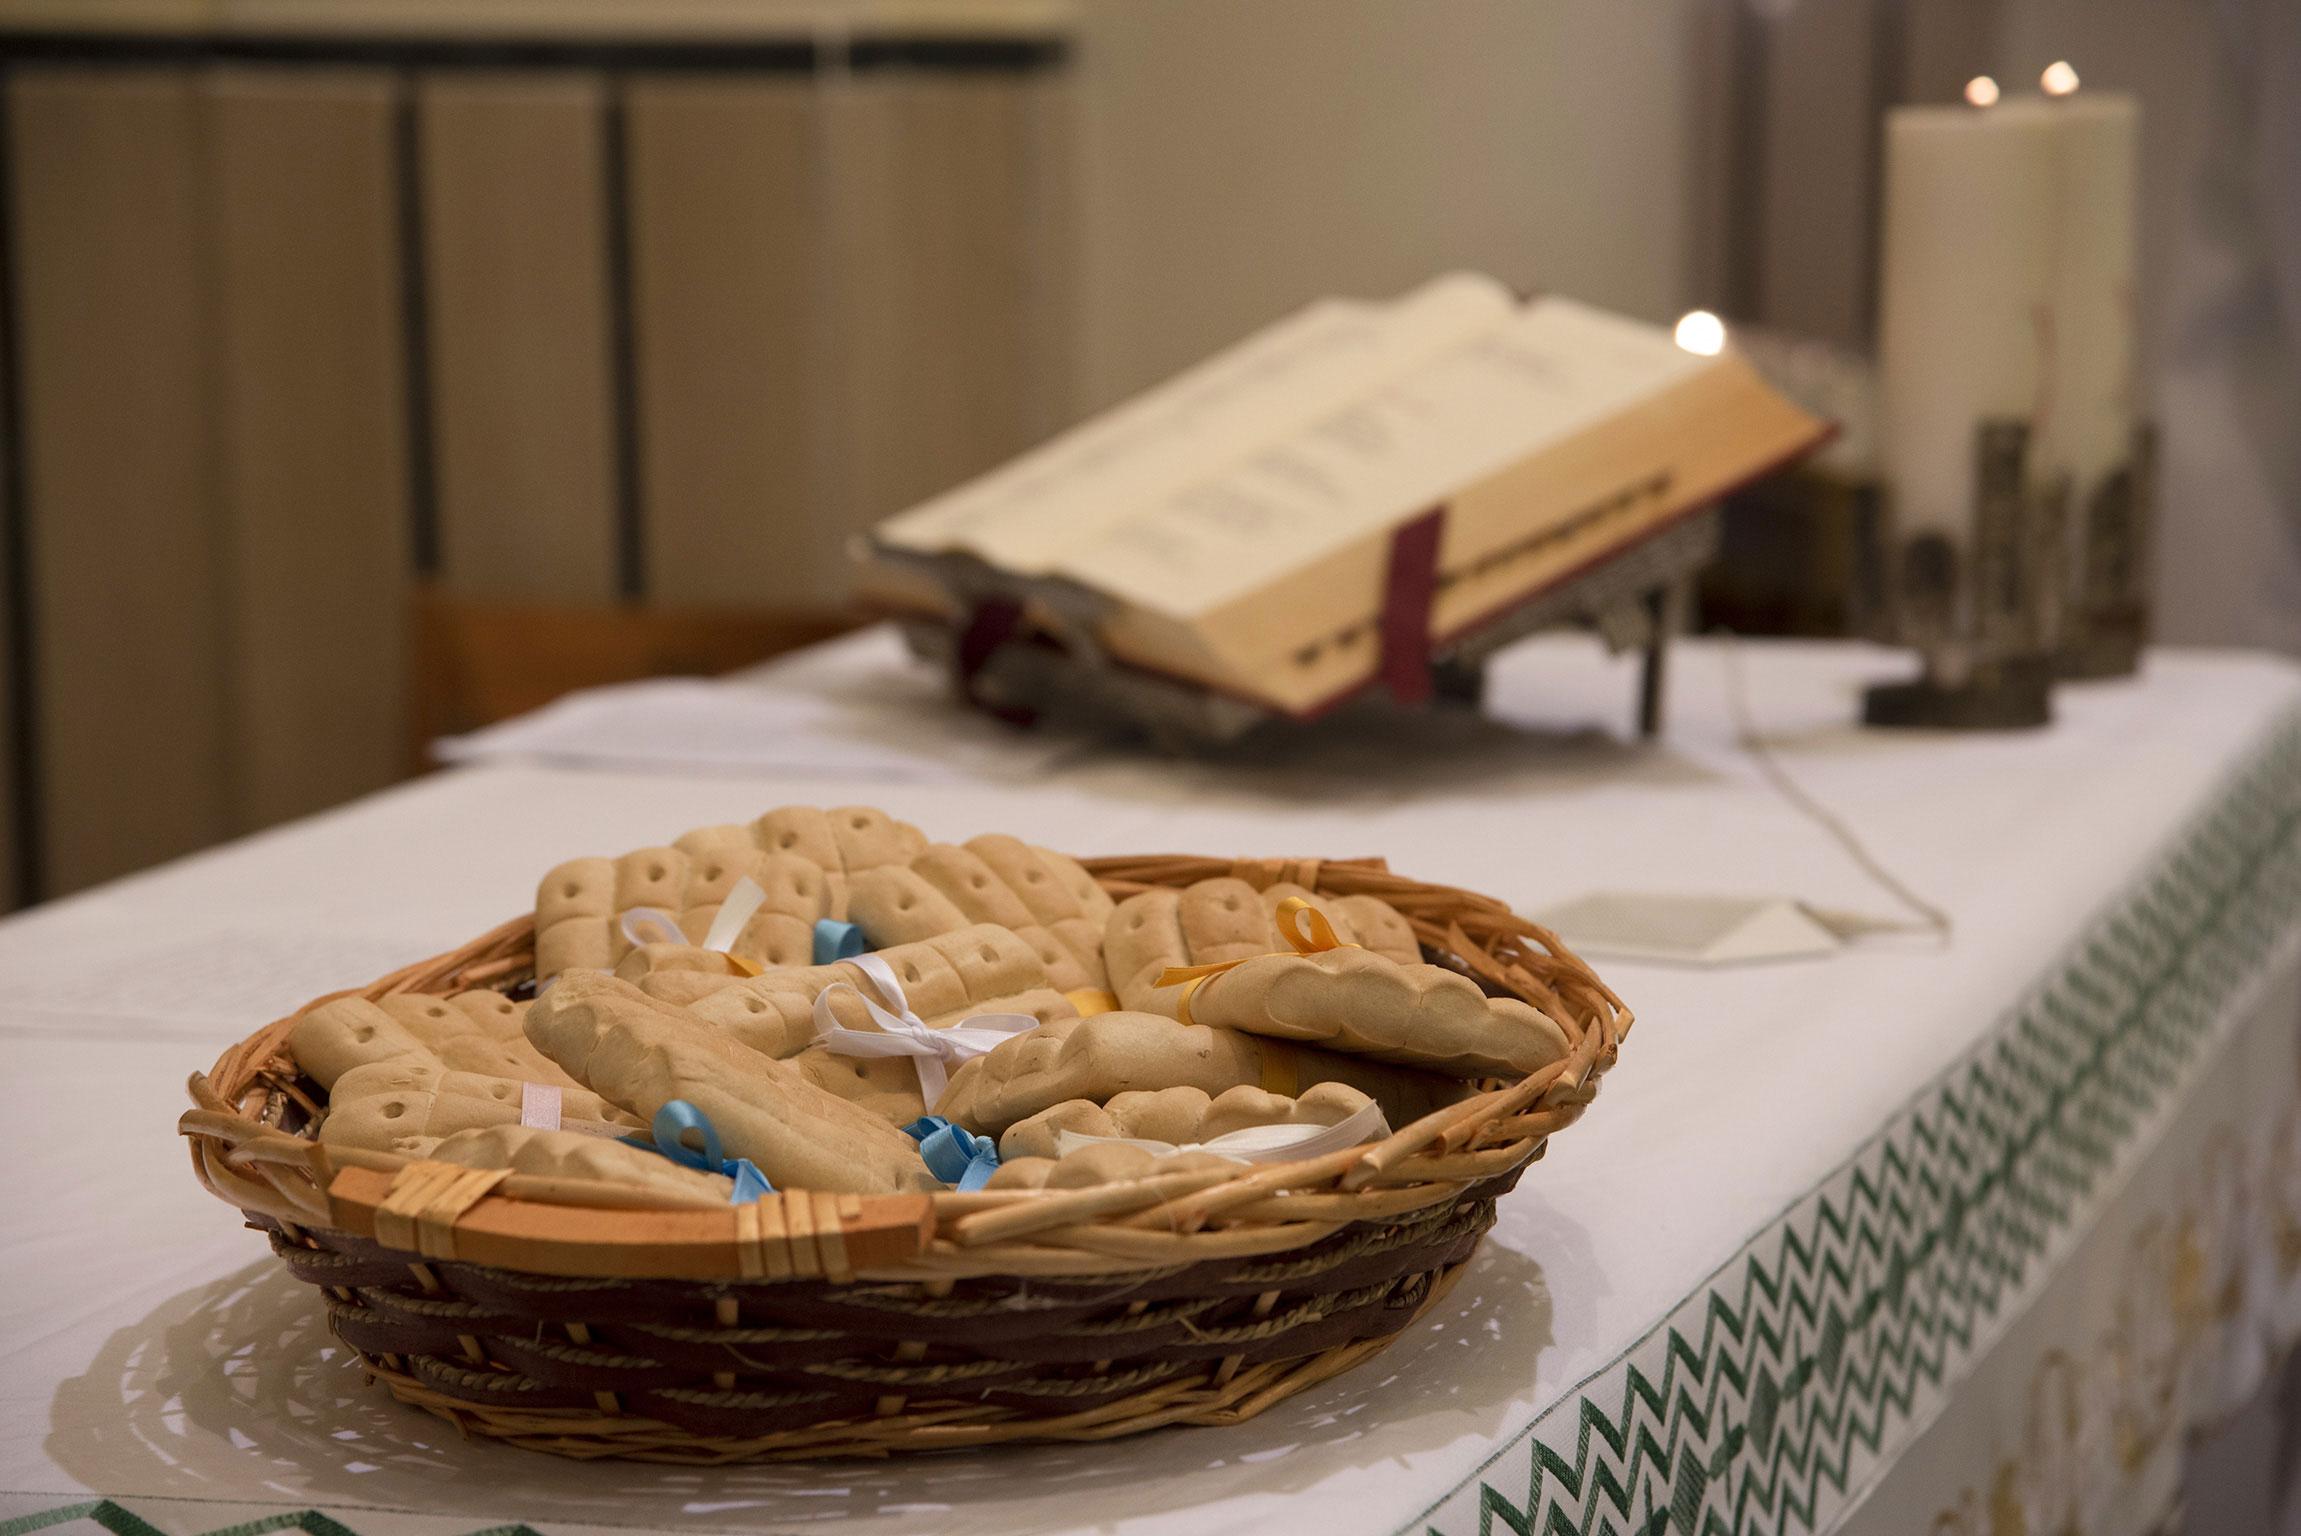 Benedizione dei pani di San Biagio - feste e tradizioni